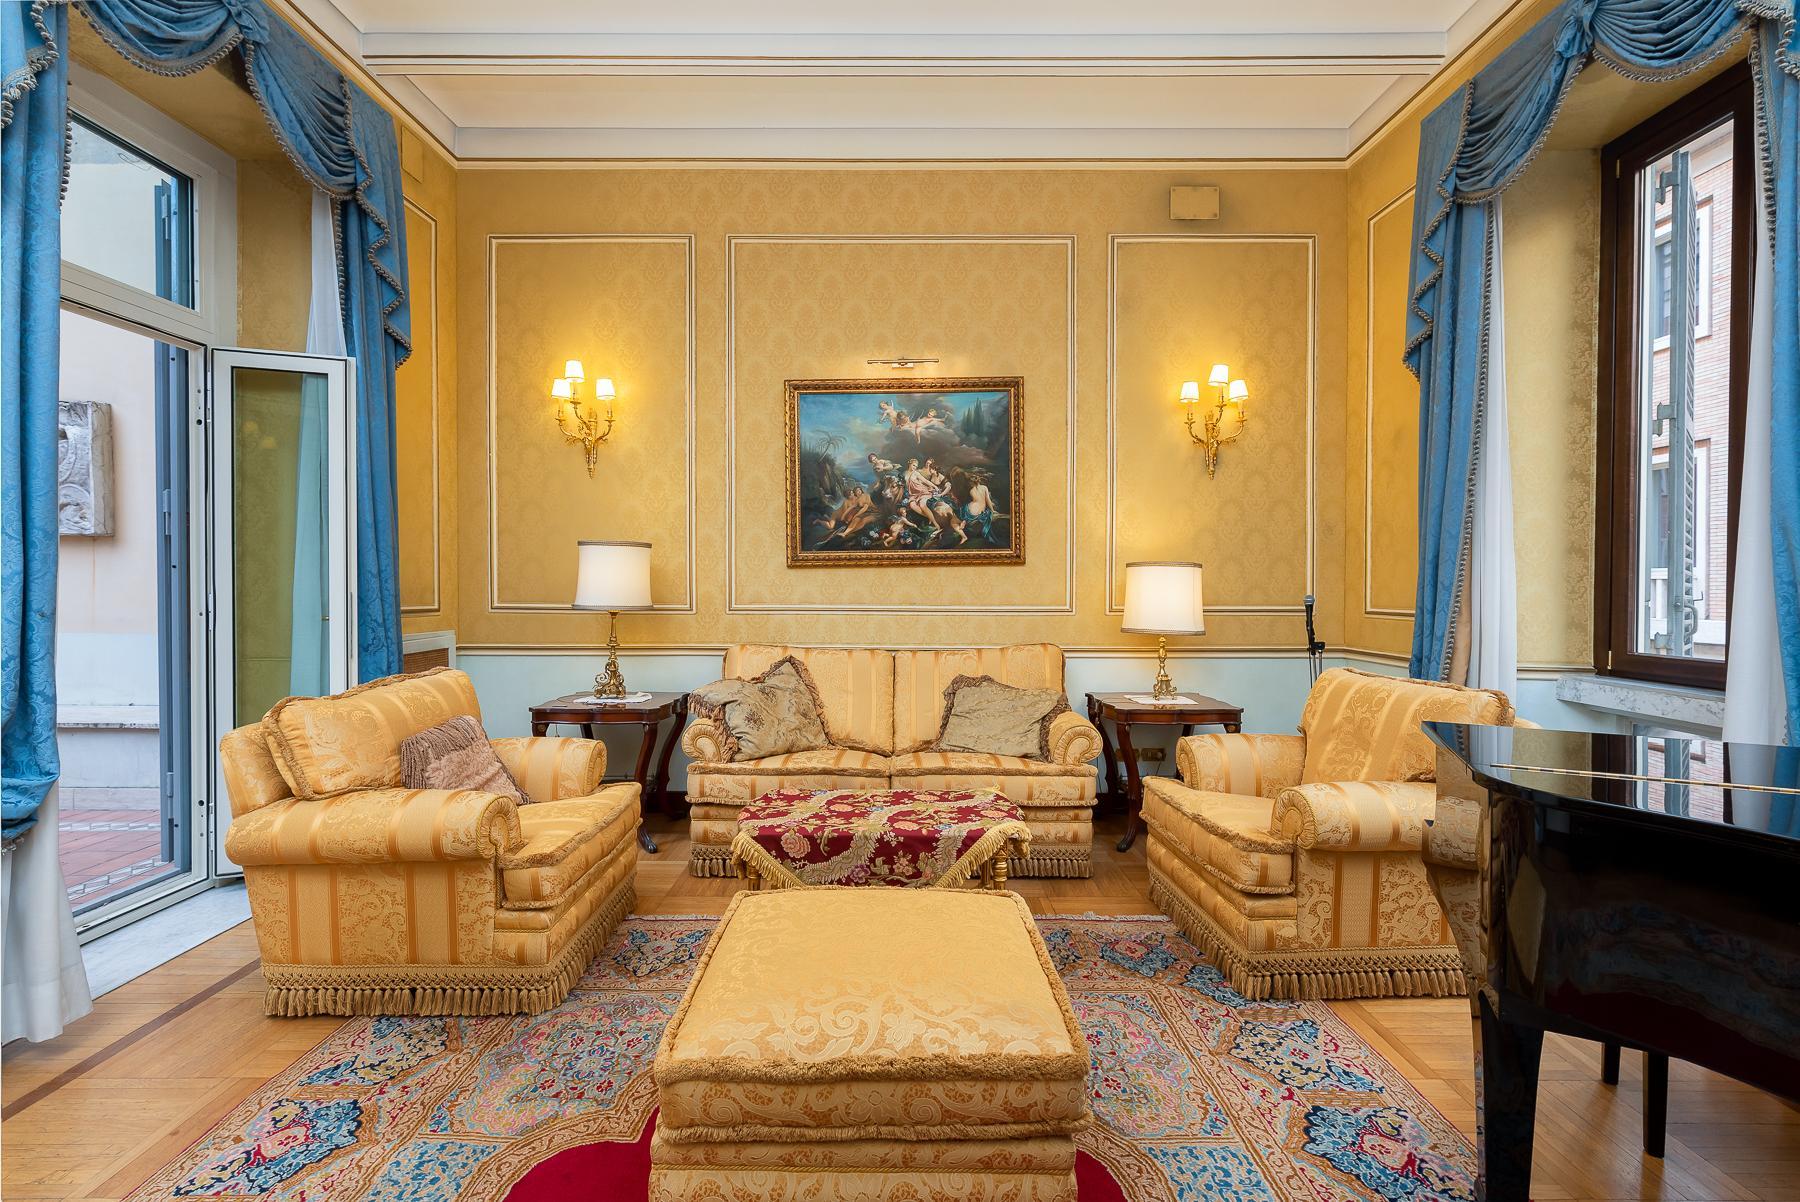 Роскошная квартира с большой террасой  в элегантном здании начала 900 года - 3